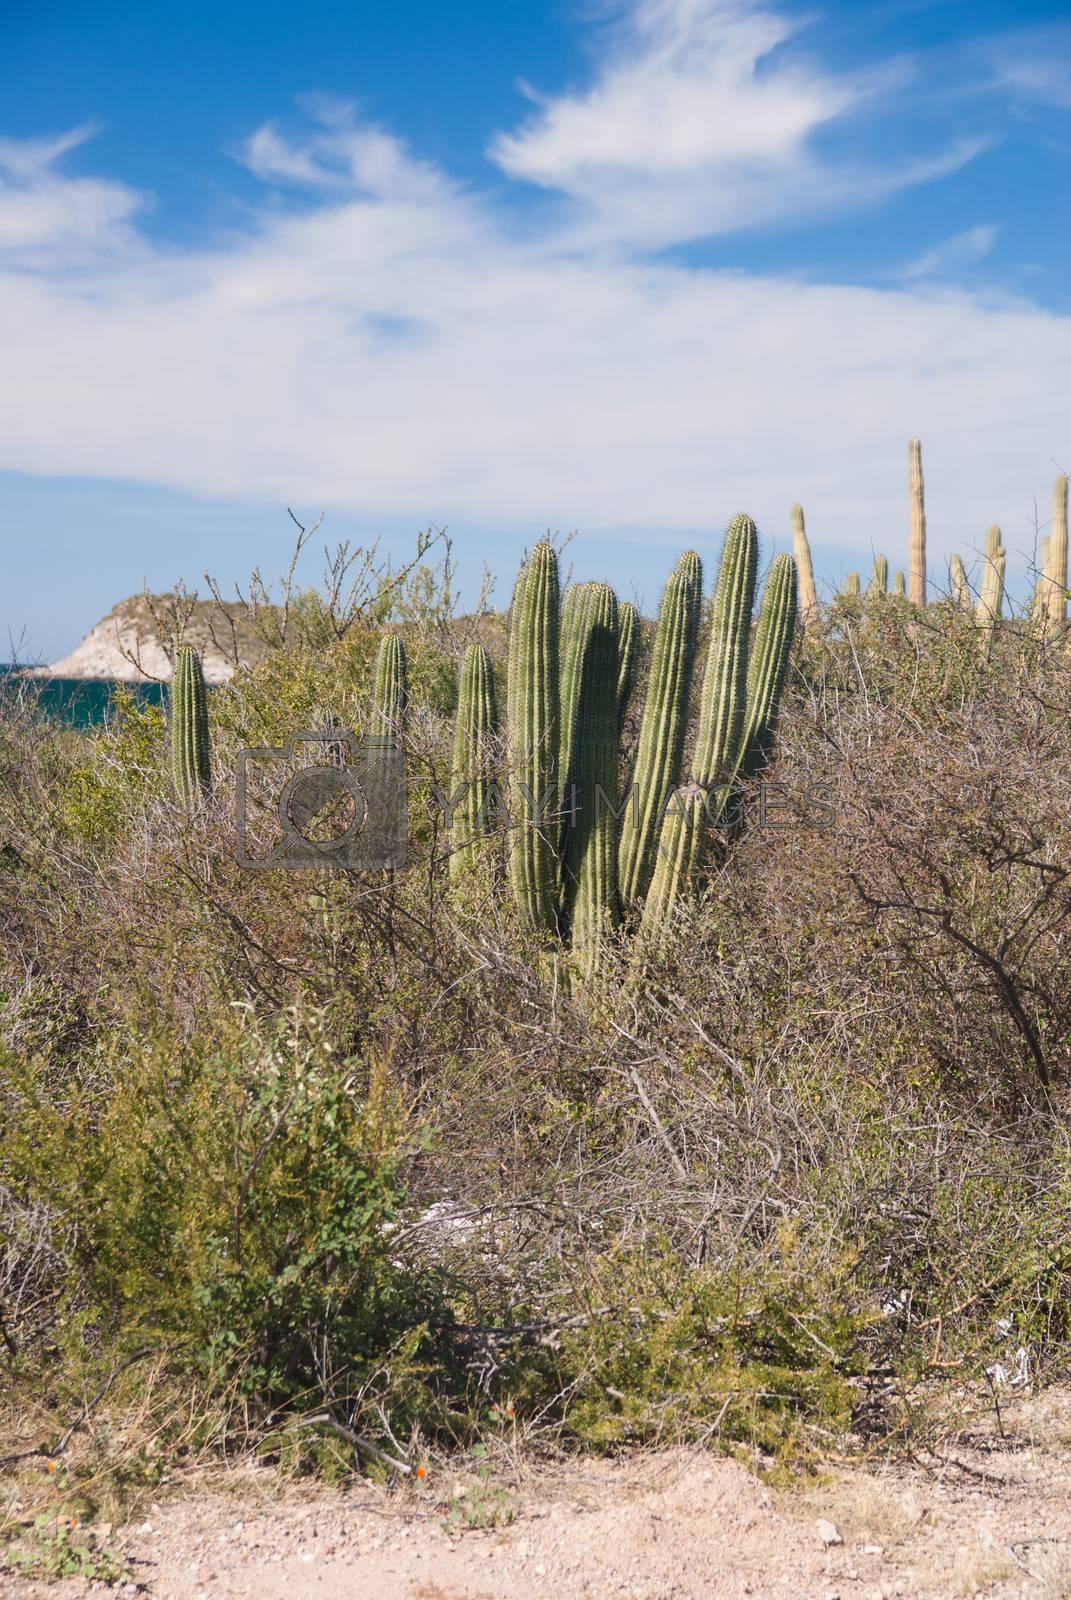 Organpipe Cactus in coastal Sonora desert Mexico by emattil